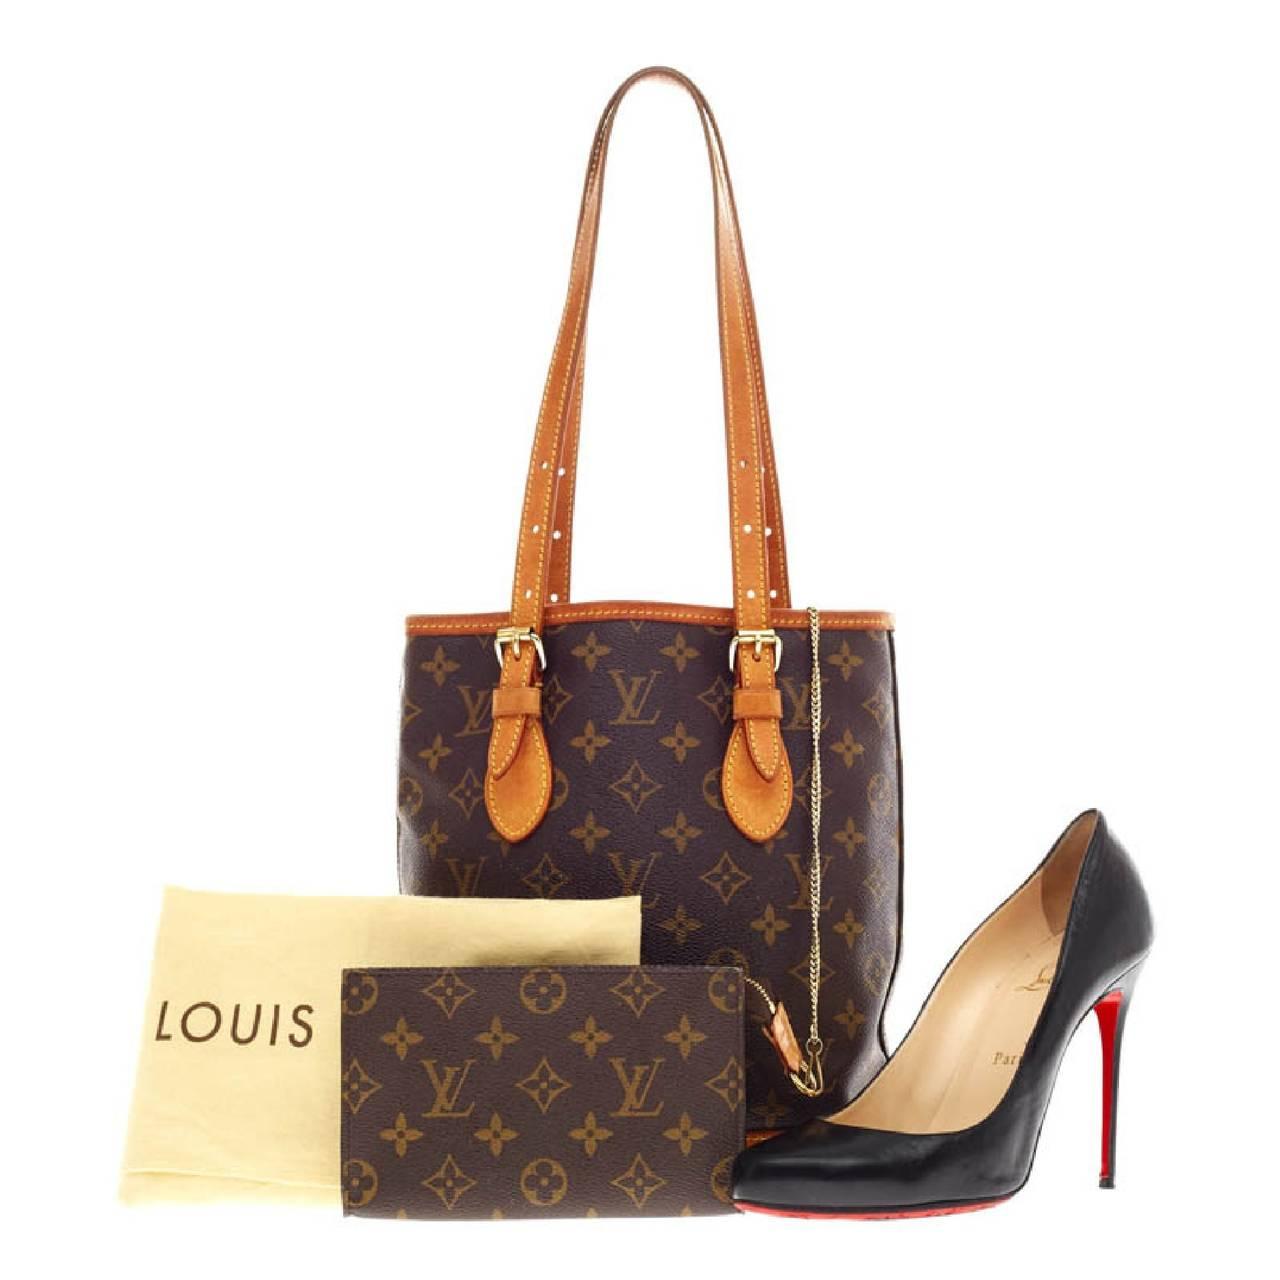 d35d3a92084 Louis Vuitton Bucket Purse - Best Purse Image Ccdbb.Org